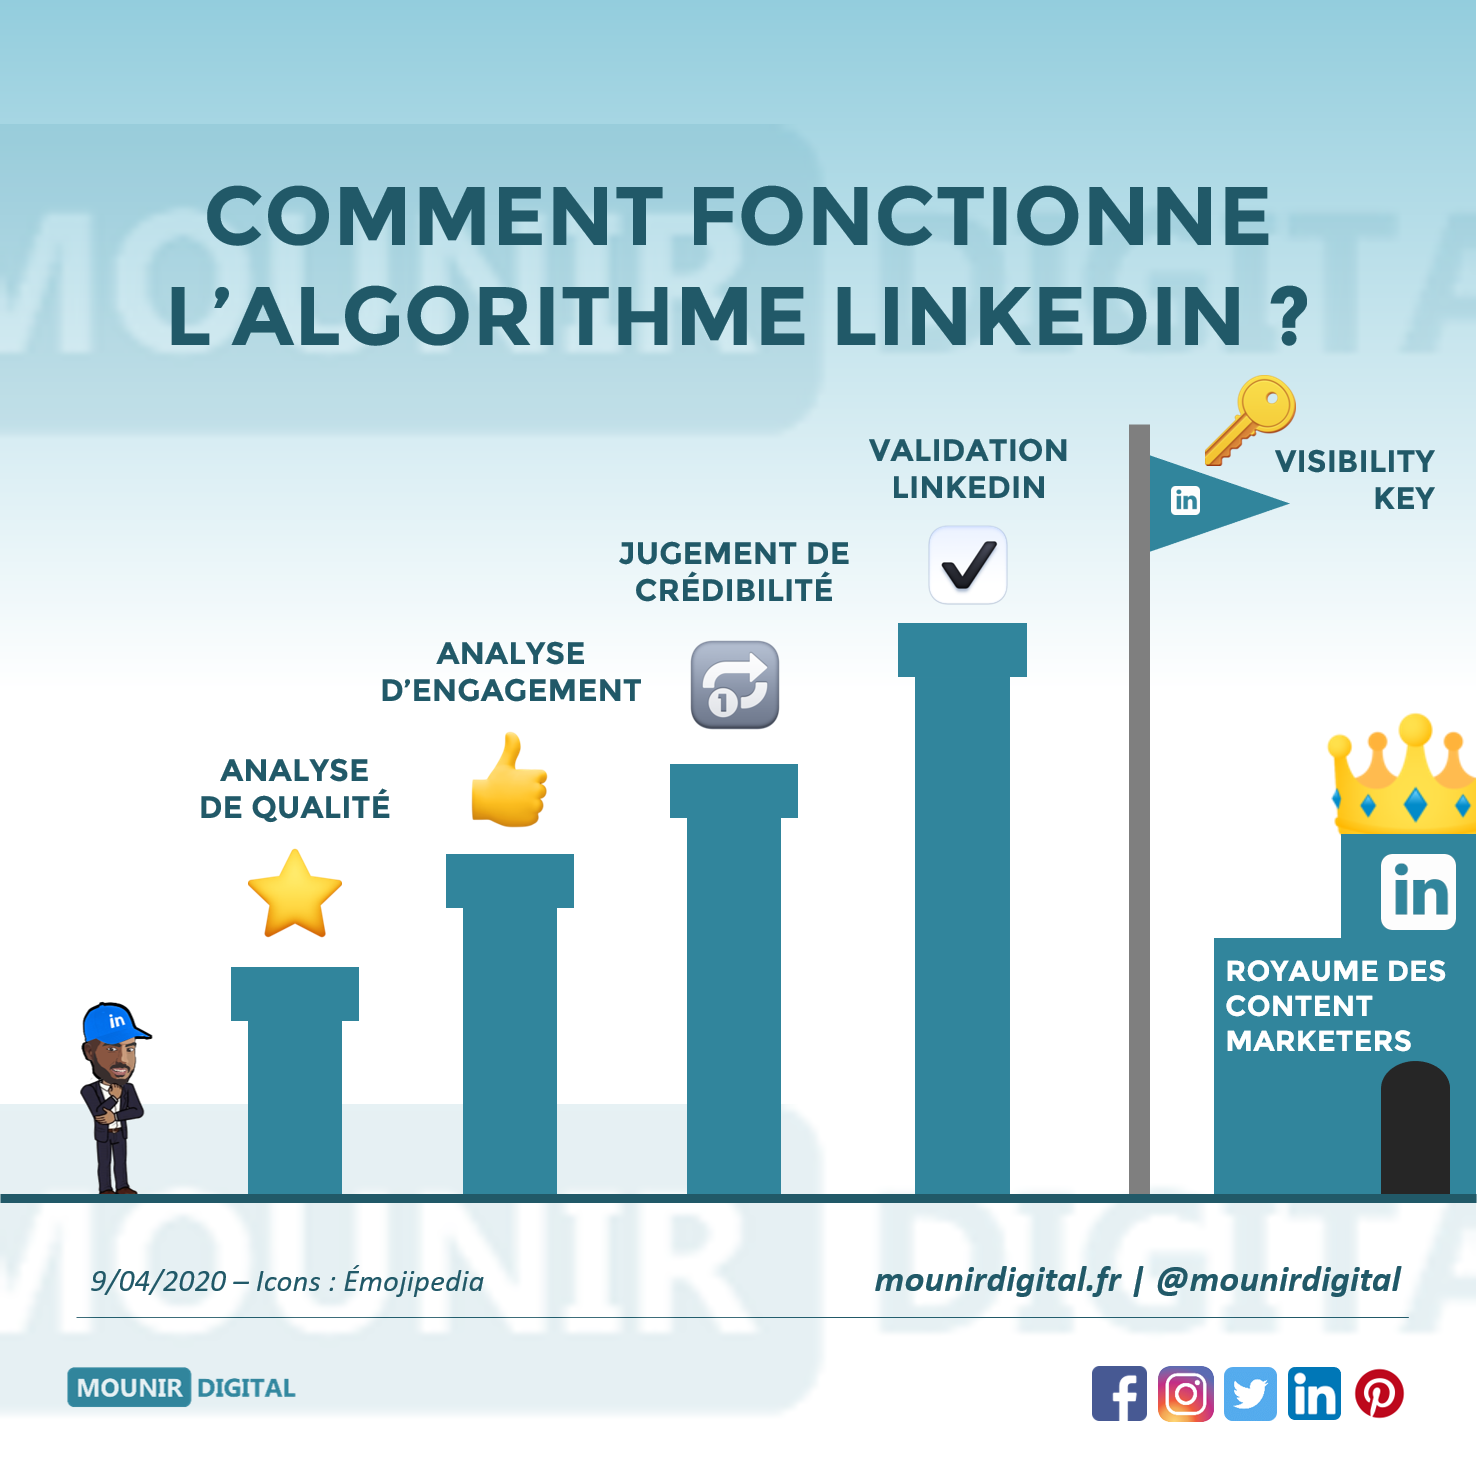 Comment fonctionne l'algorithme de LinkedIn - Mounir Digital